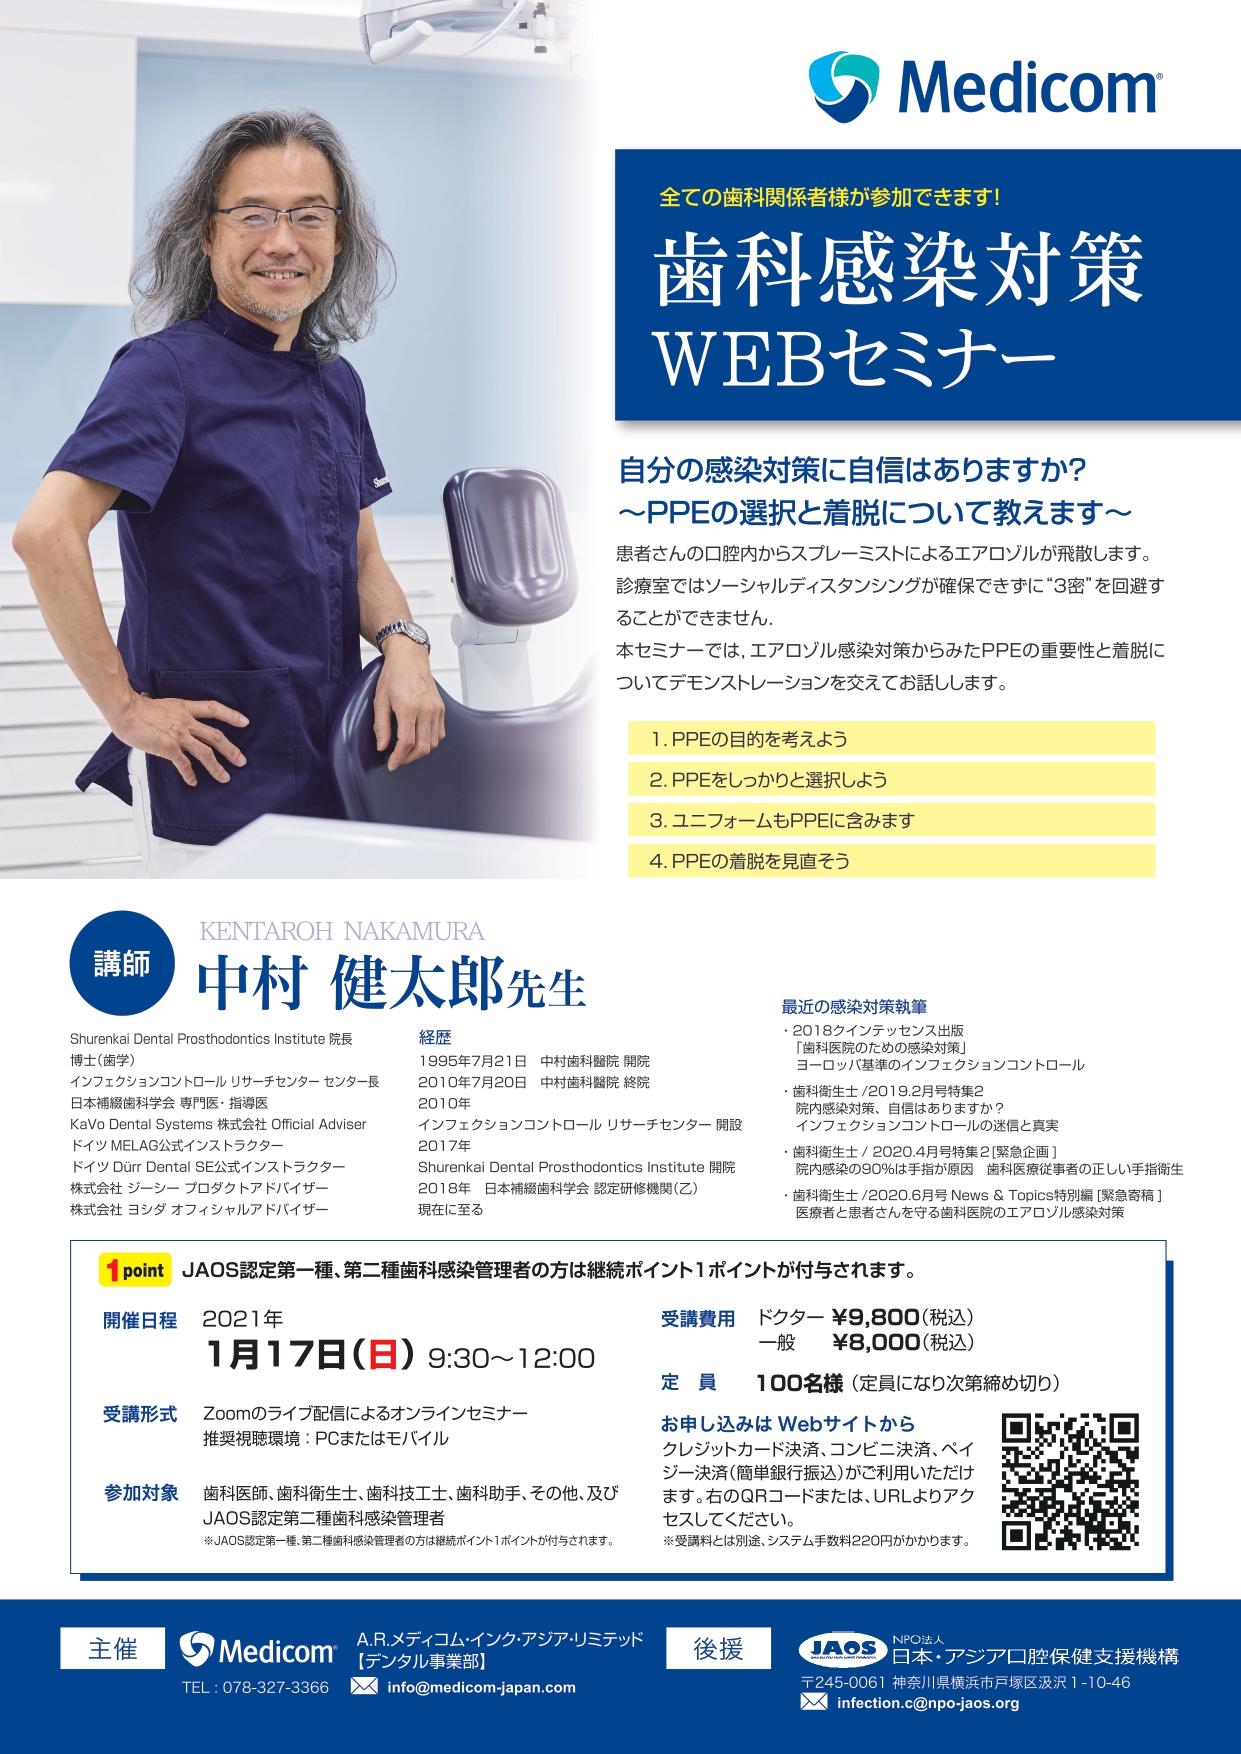 【歯科感染対策WEBセミナー】自分の感染対策に自信はありますか?〜PPEの選択と着脱について教えます〜